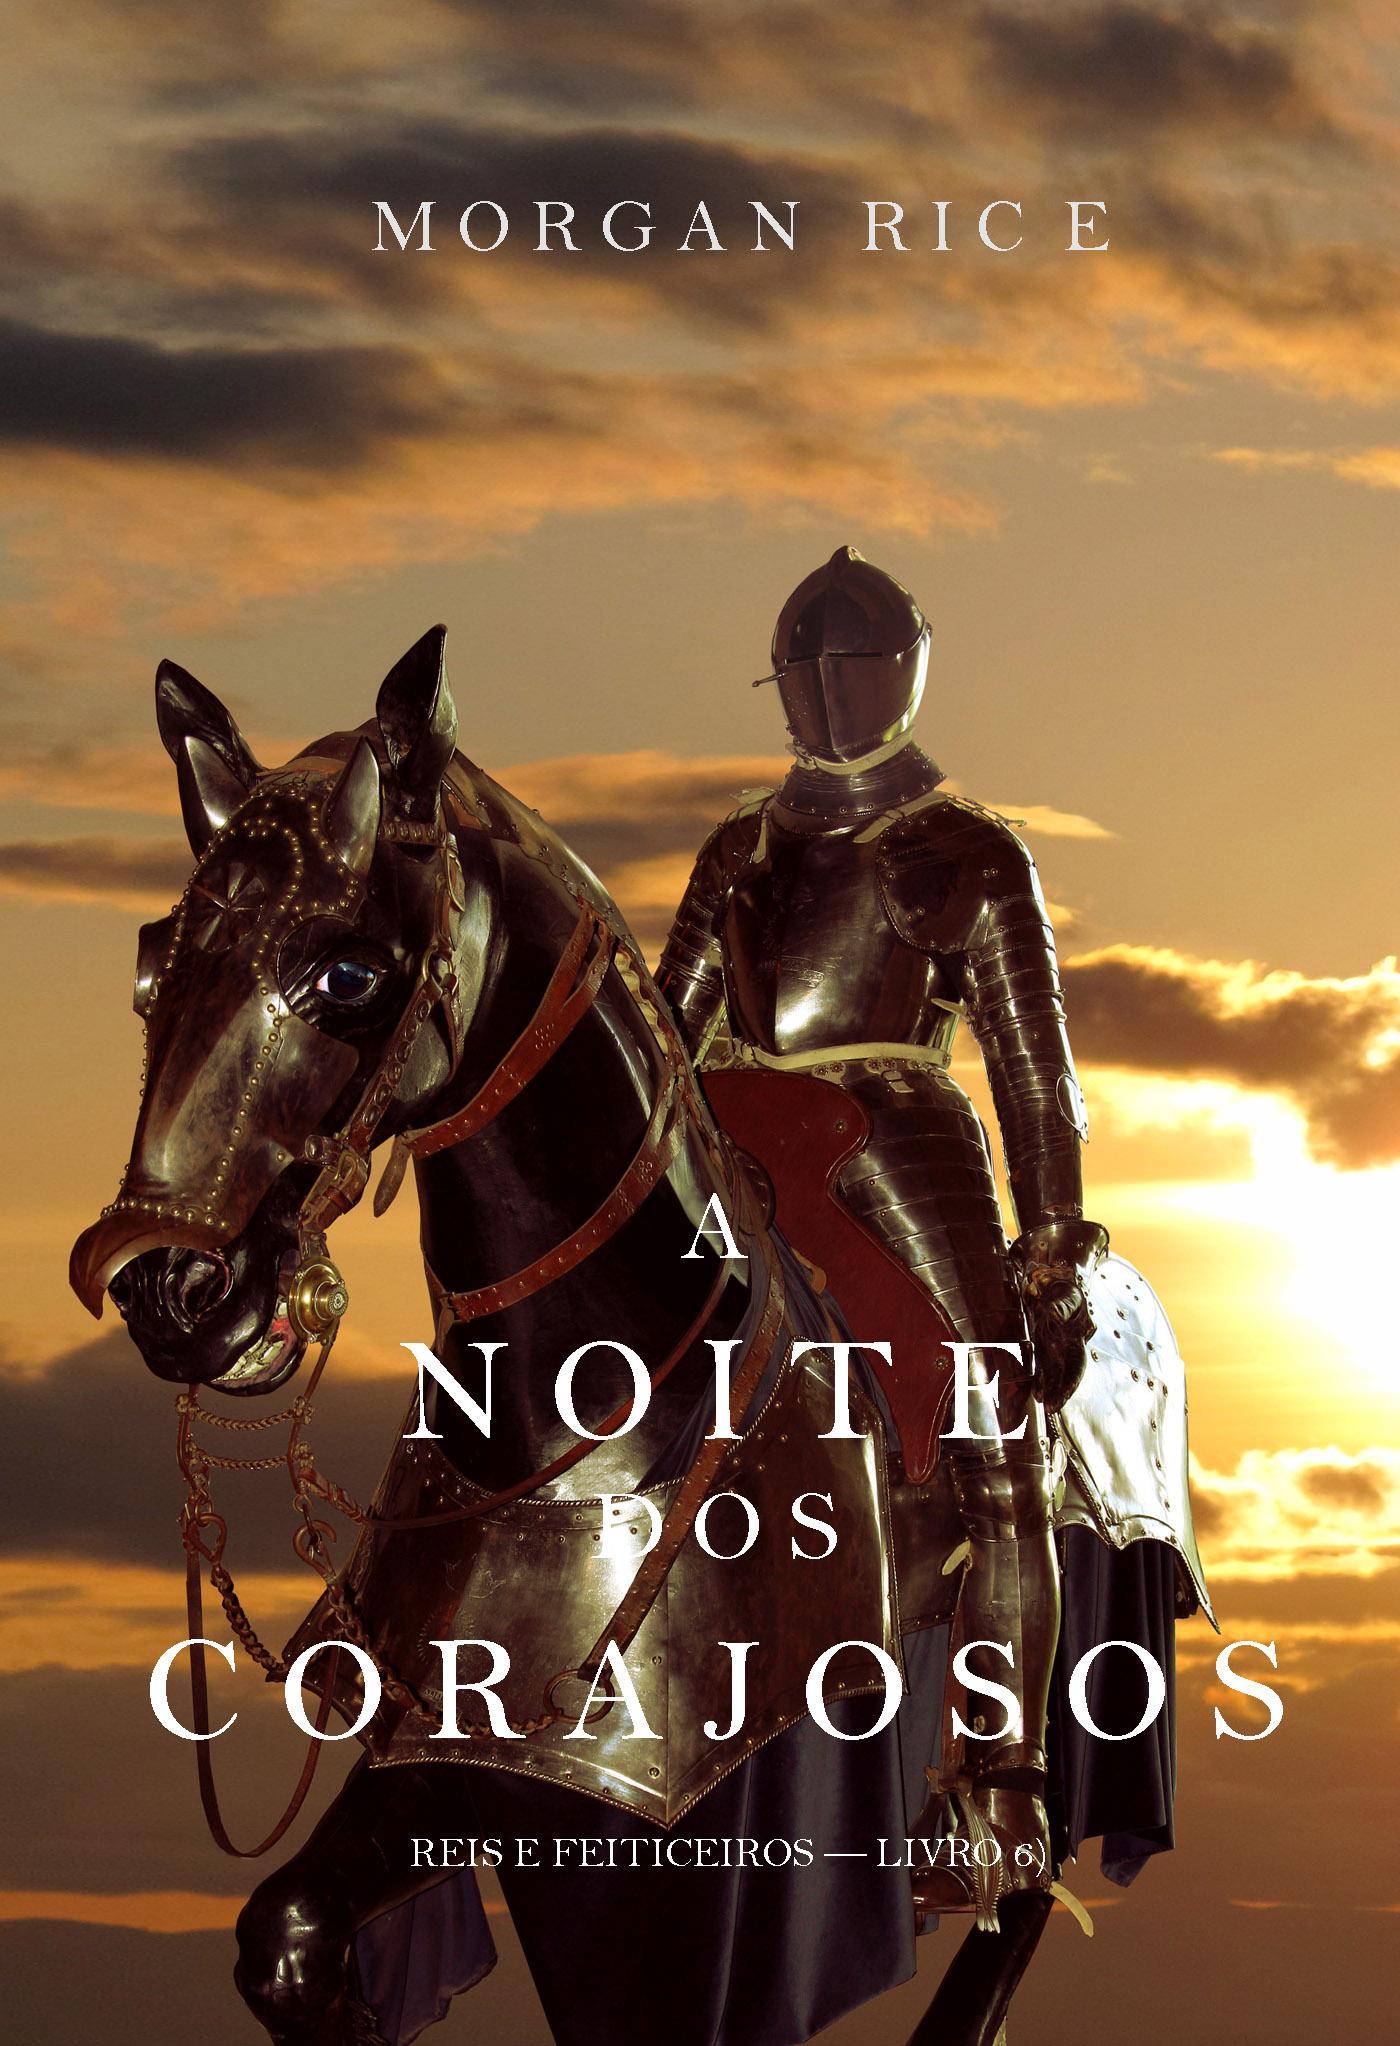 Морган Райс A Noite dos Corajosos футболка с полной запечаткой для девочек printio львы